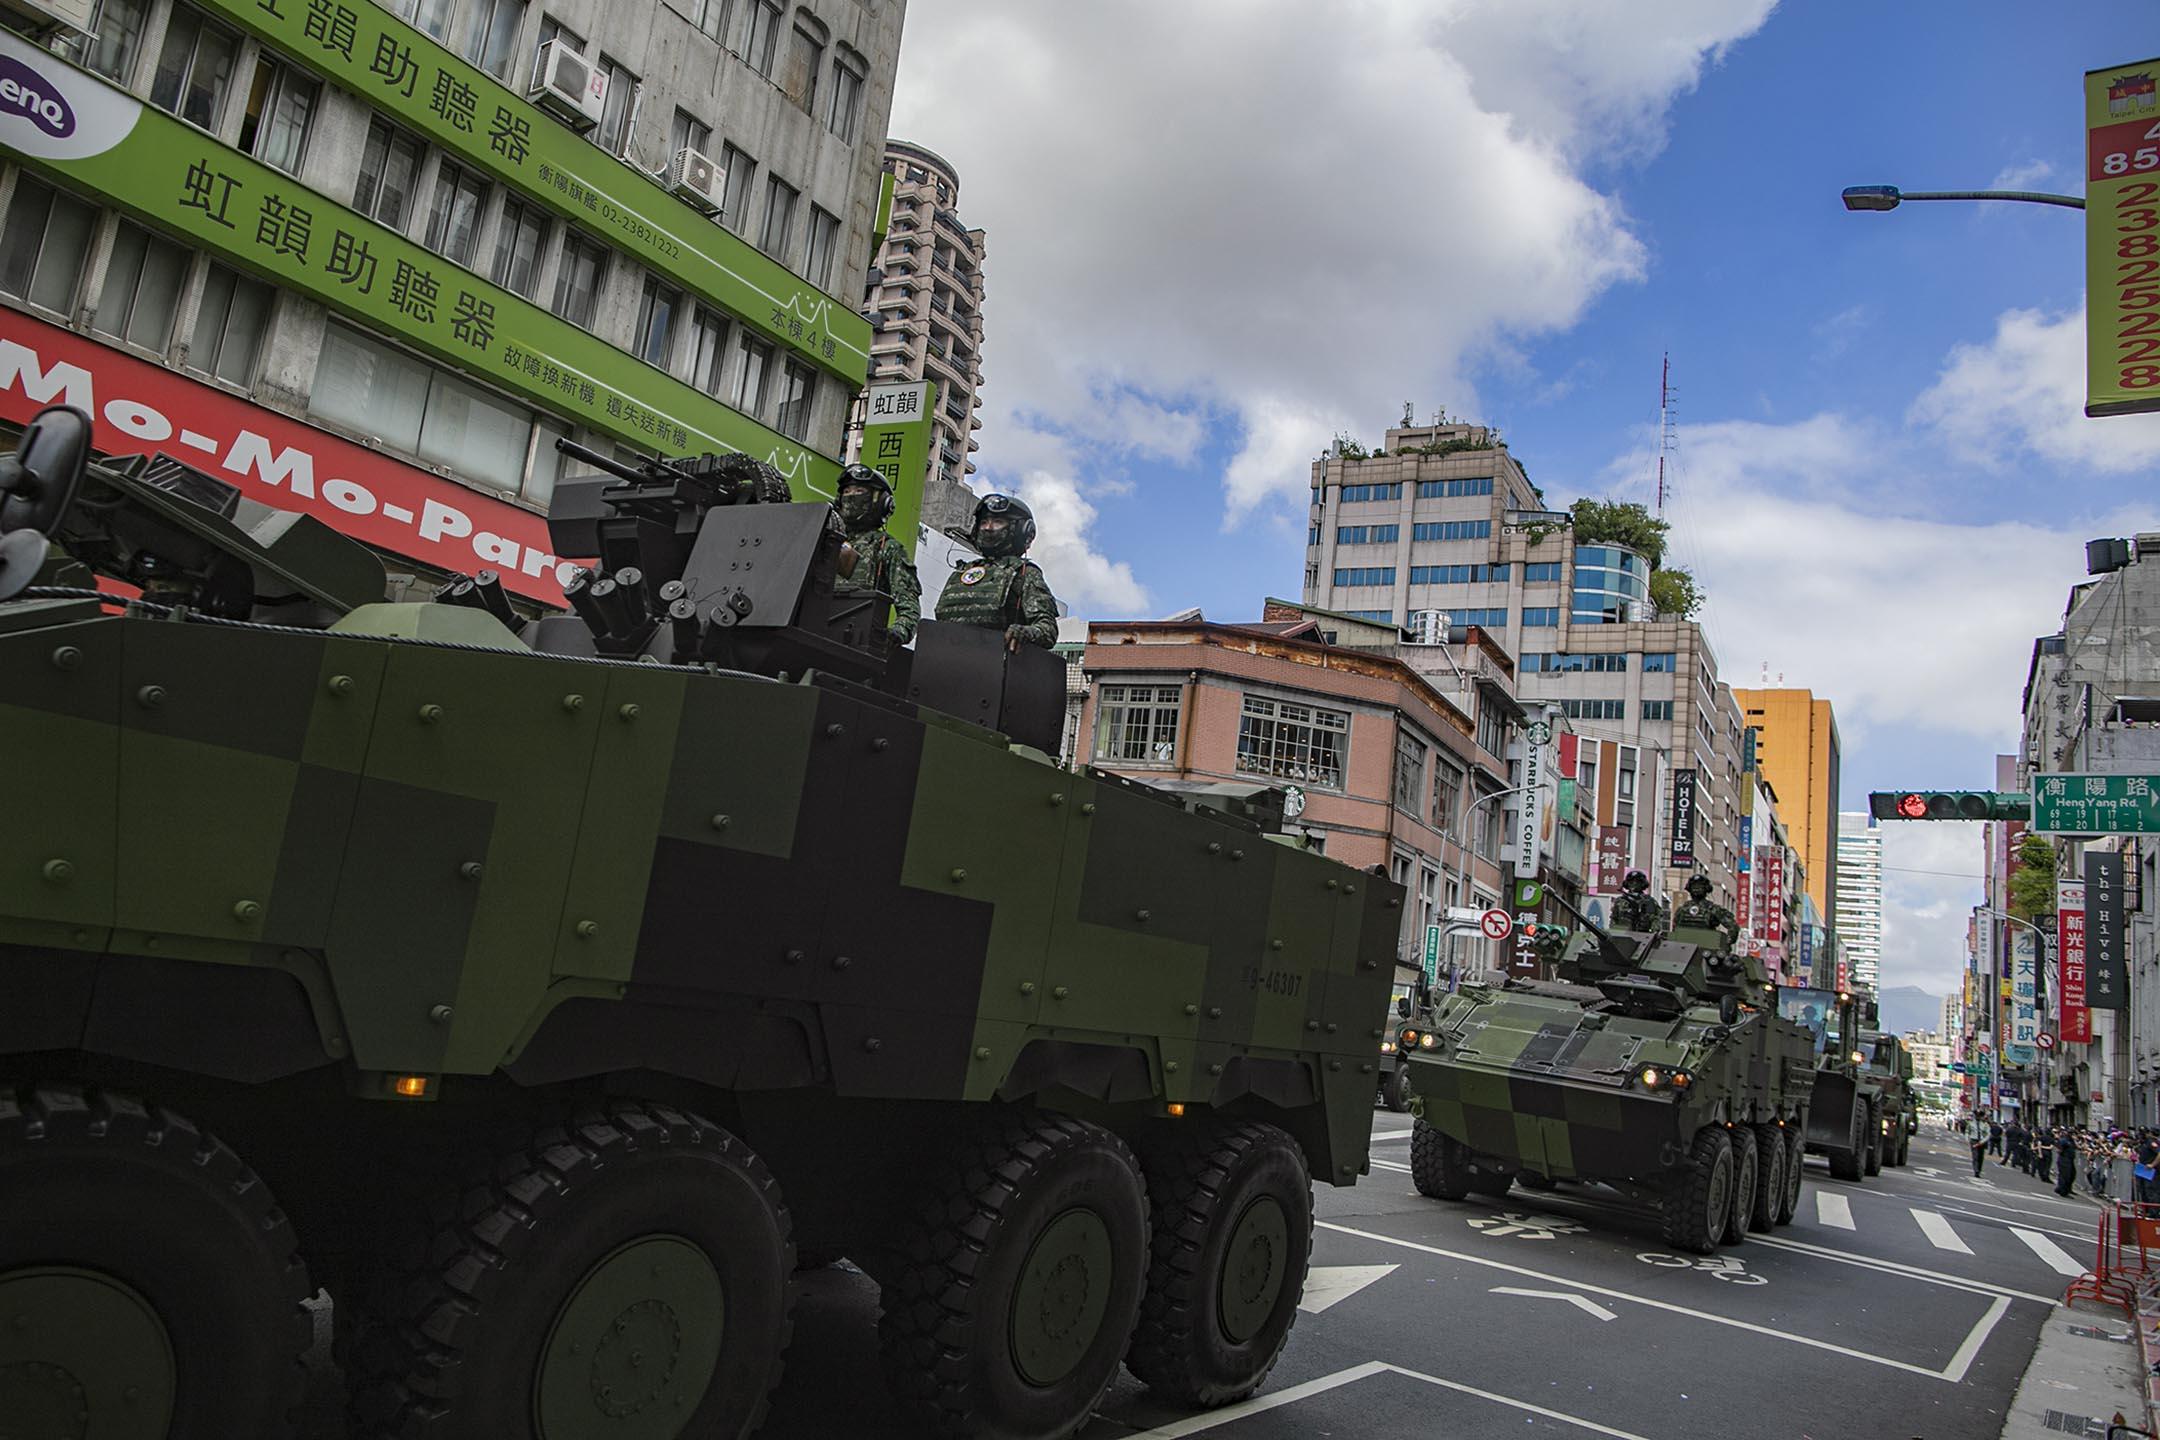 2021年10月10日台北,雙十節國慶大會,軍車在街道行駛。